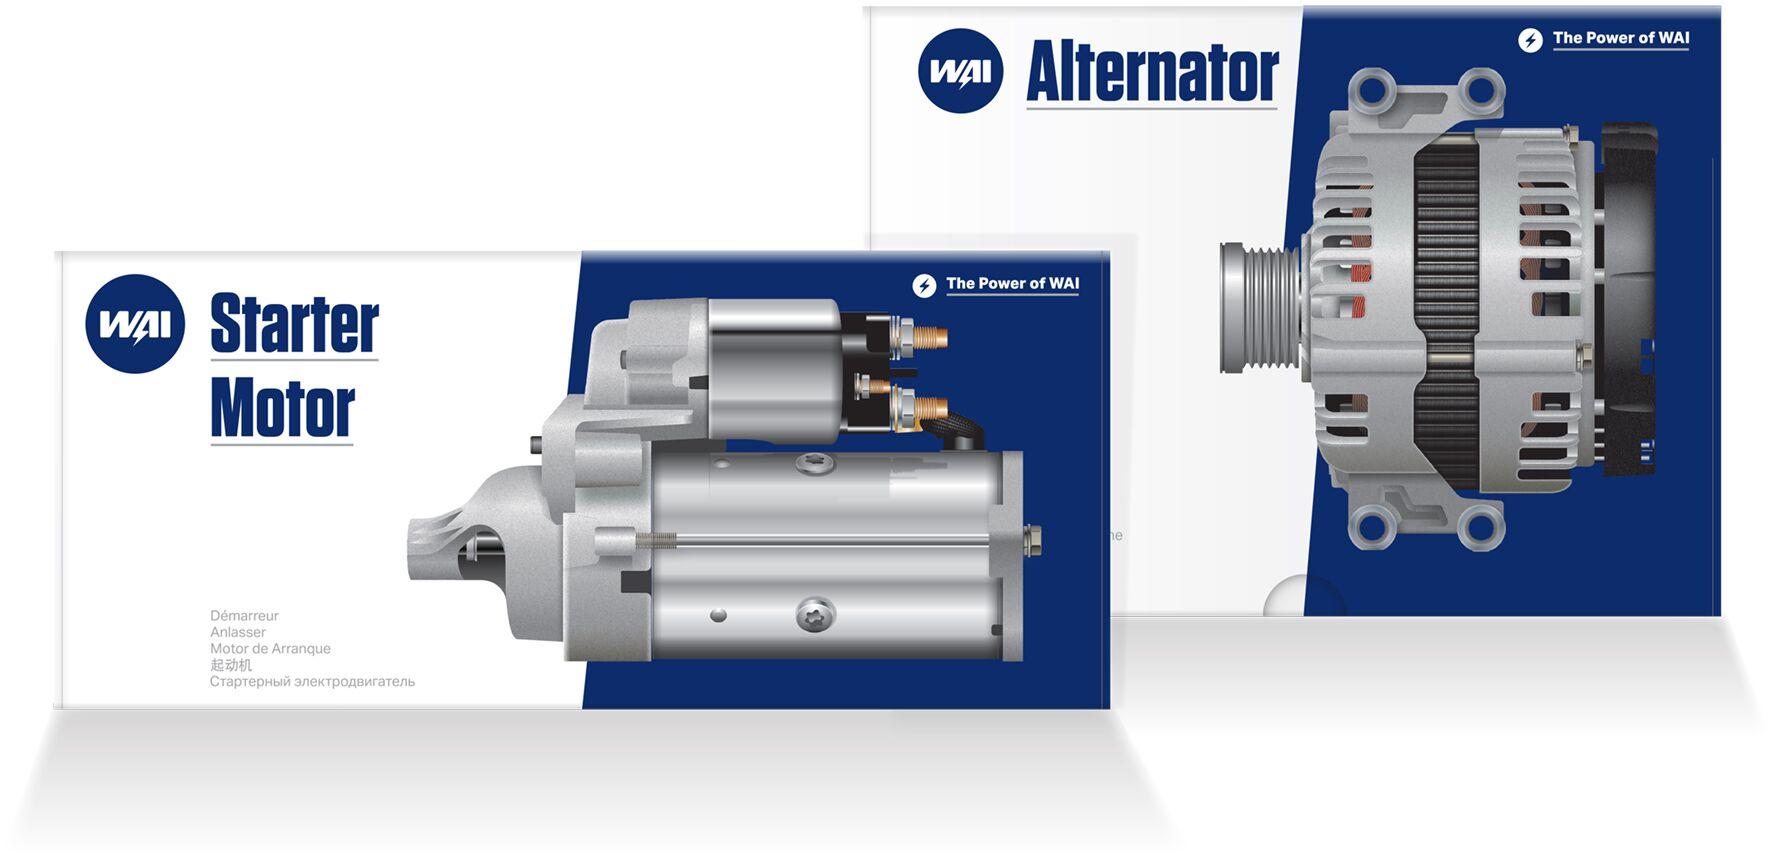 Starter and Alternator (002)